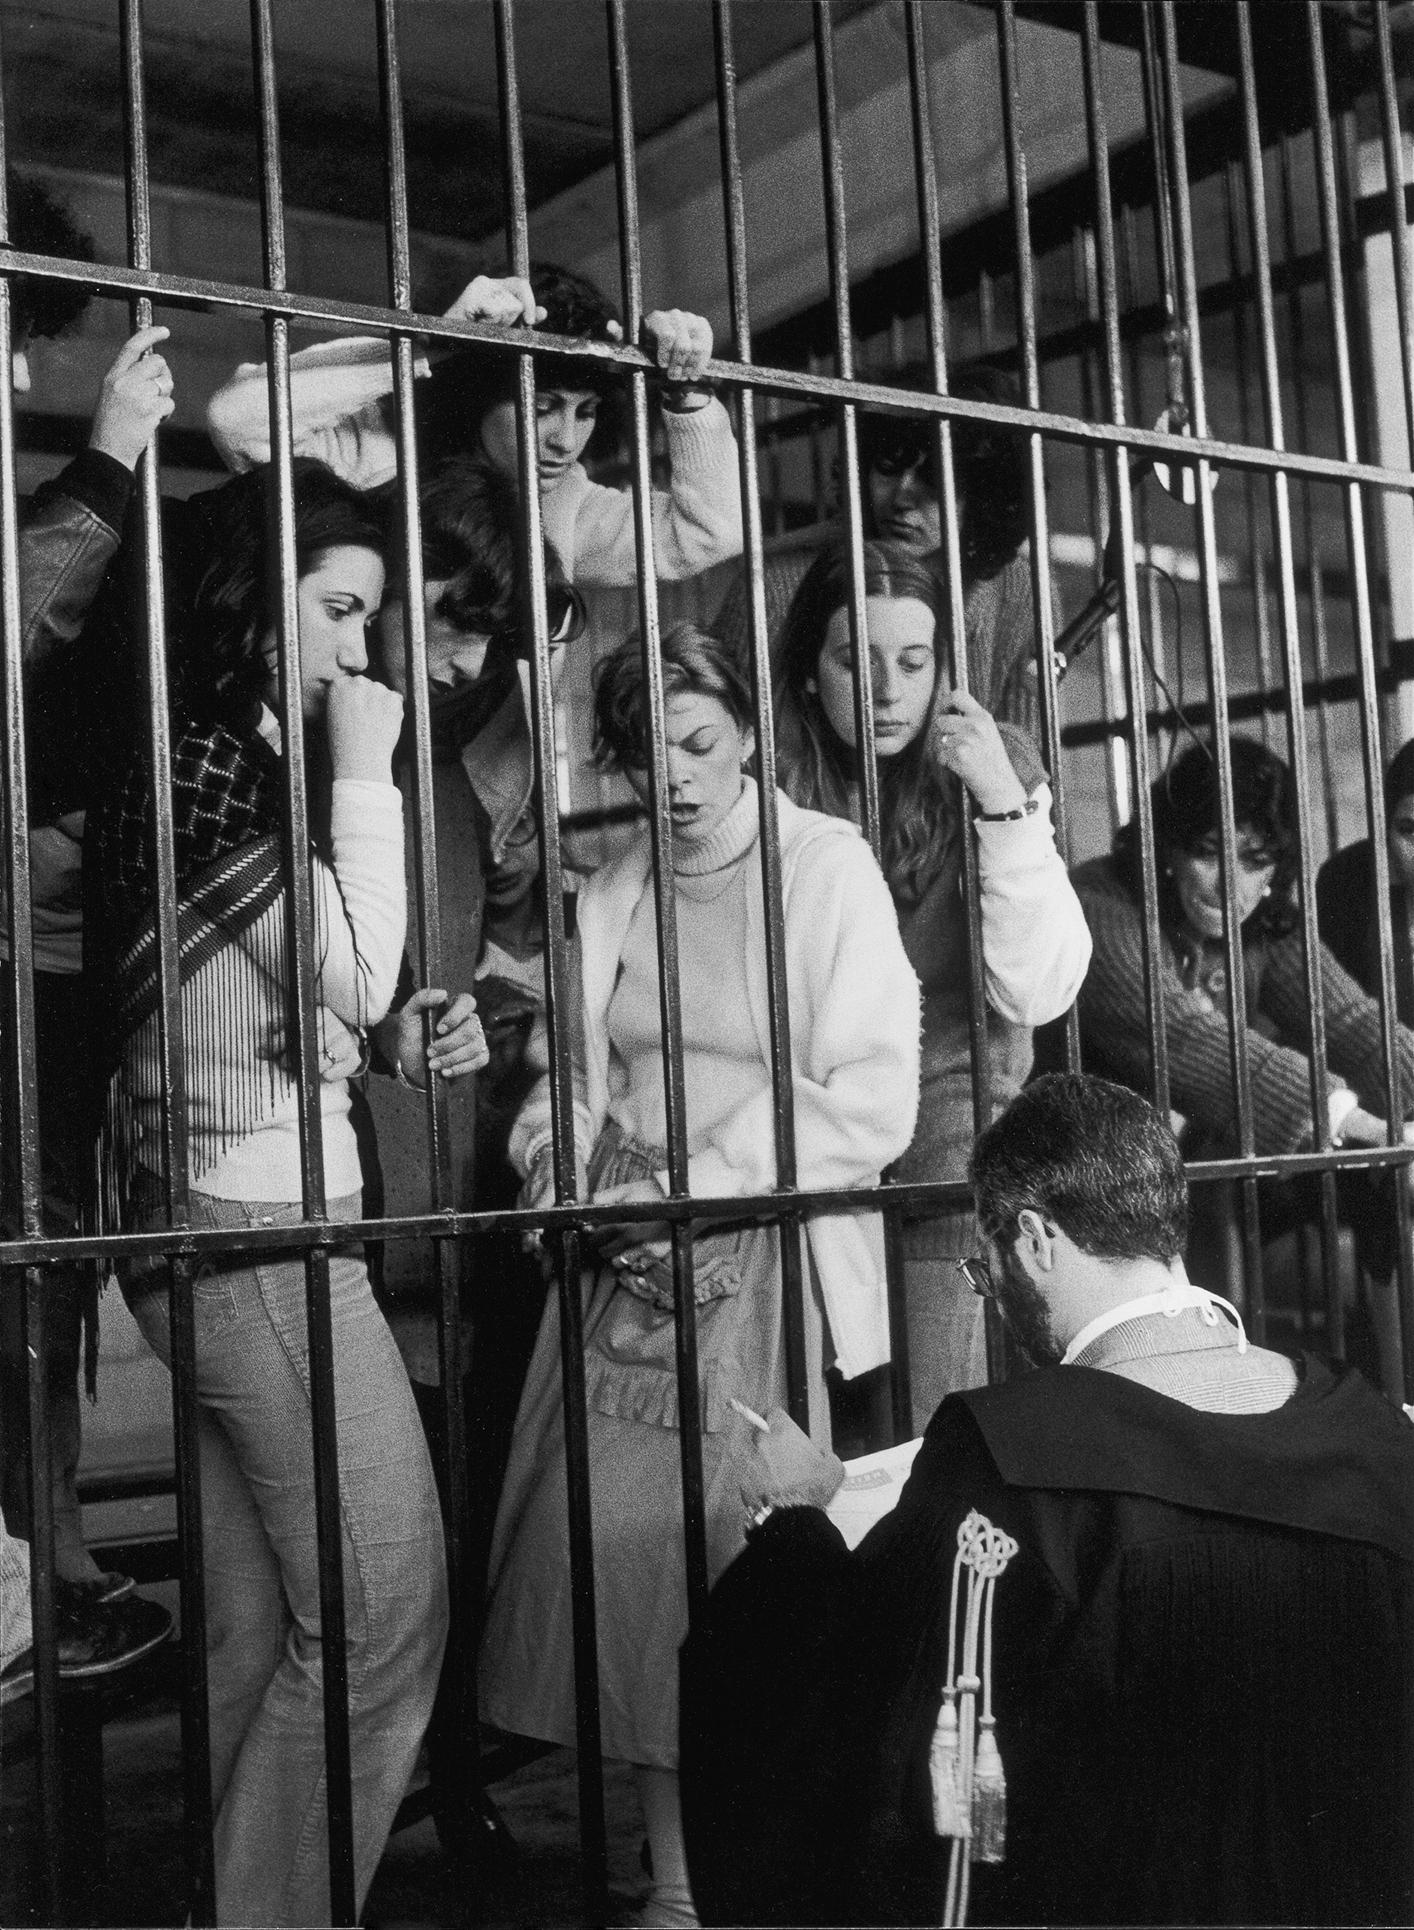 Giovanna Borgese, Le ragazze di Prima Linea, Torino, 1981, dalla serie Un paese in tribunale, Italia 1980-1983, stampa gelatina bromuro d'argento, 40 x 30 cm